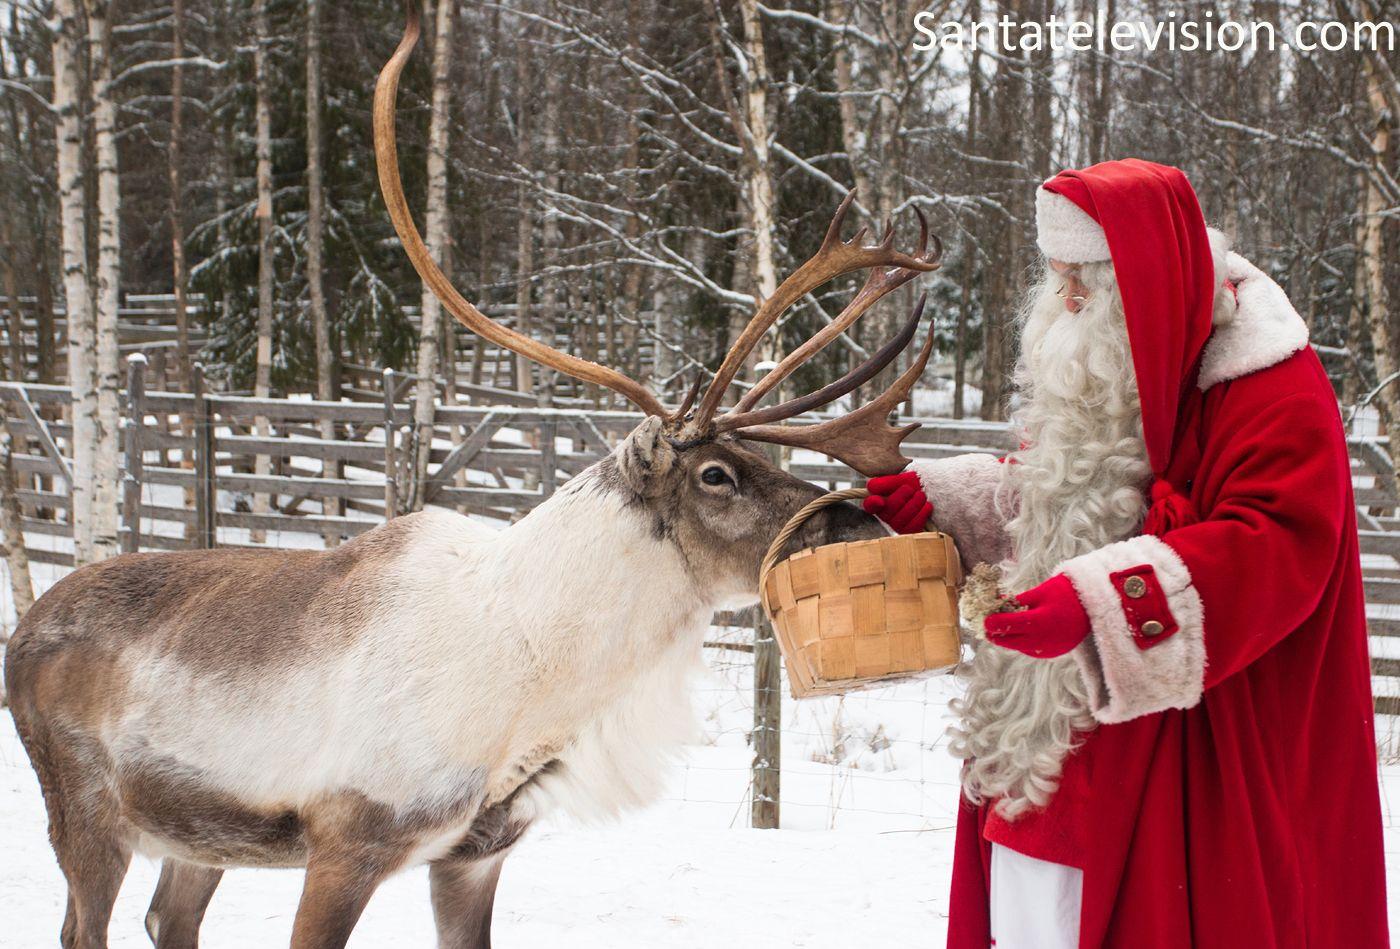 Renne Pere Noel Santa+feeding+his+reindeer+at+Santa+Claus+Village+in+Lapland